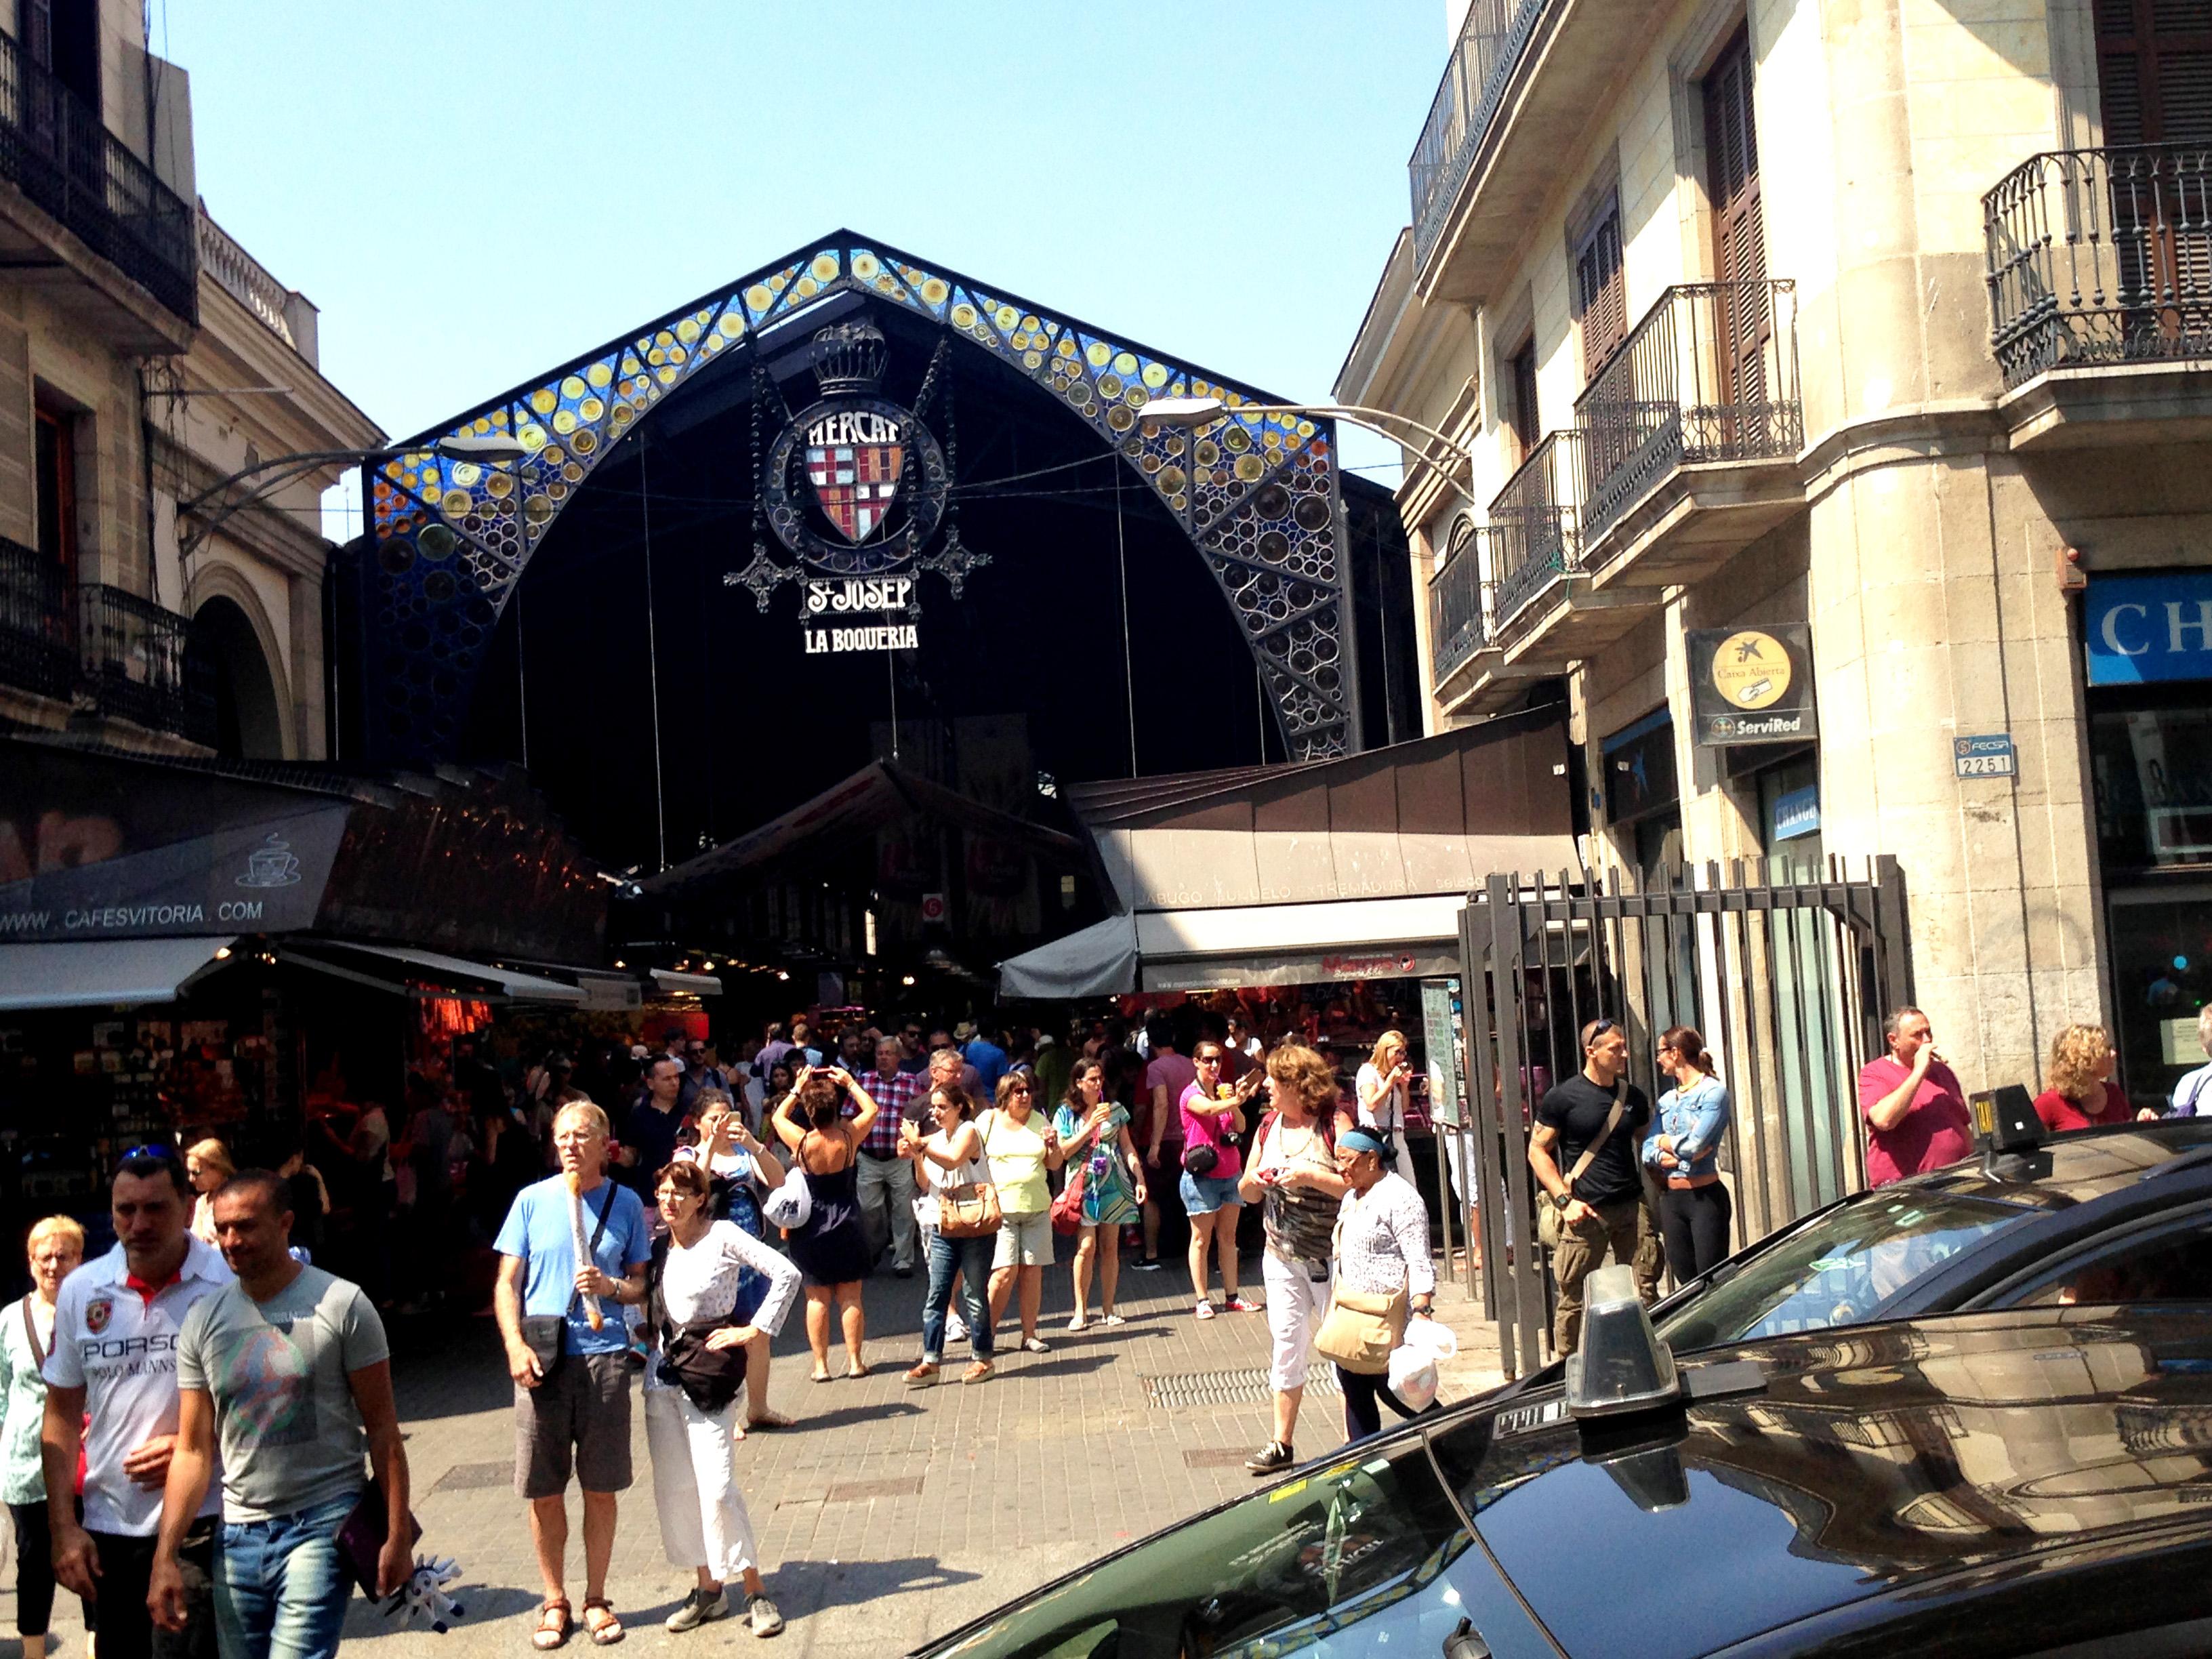 La Boqueria Barcelona 6014 Copyright Shelagh Donnelly